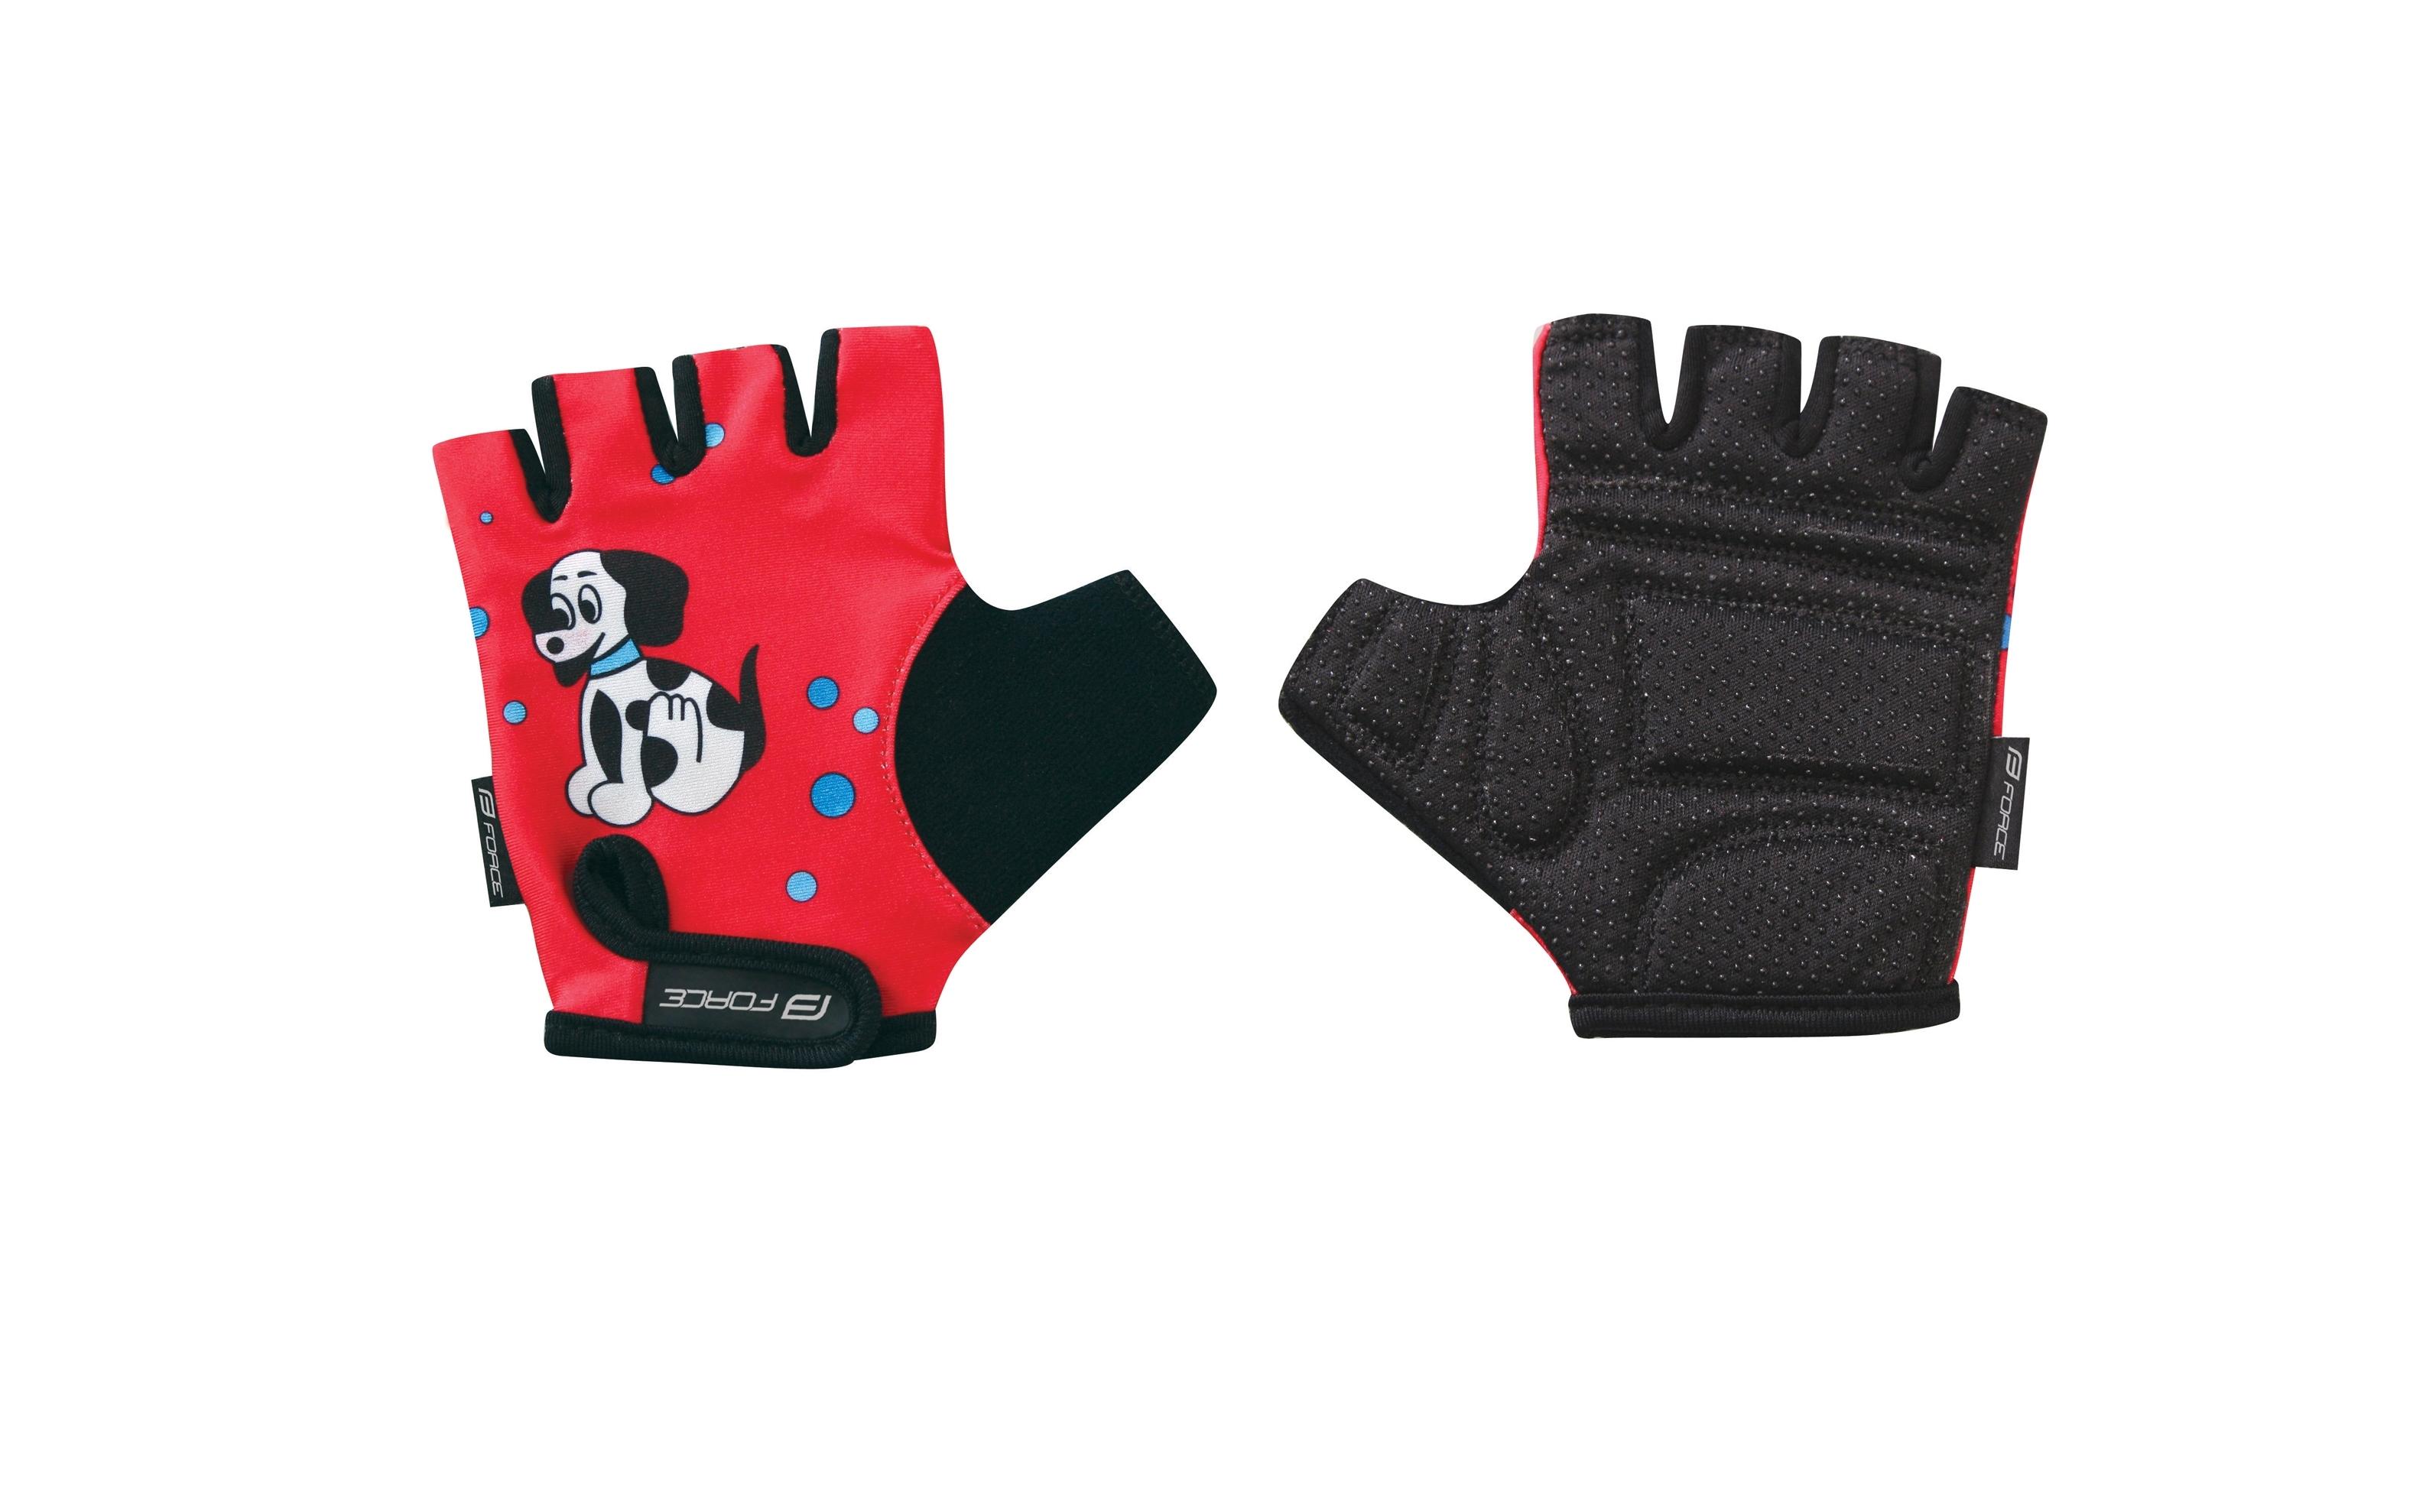 rukavice FORCE KID dětské, červené-pejsek M